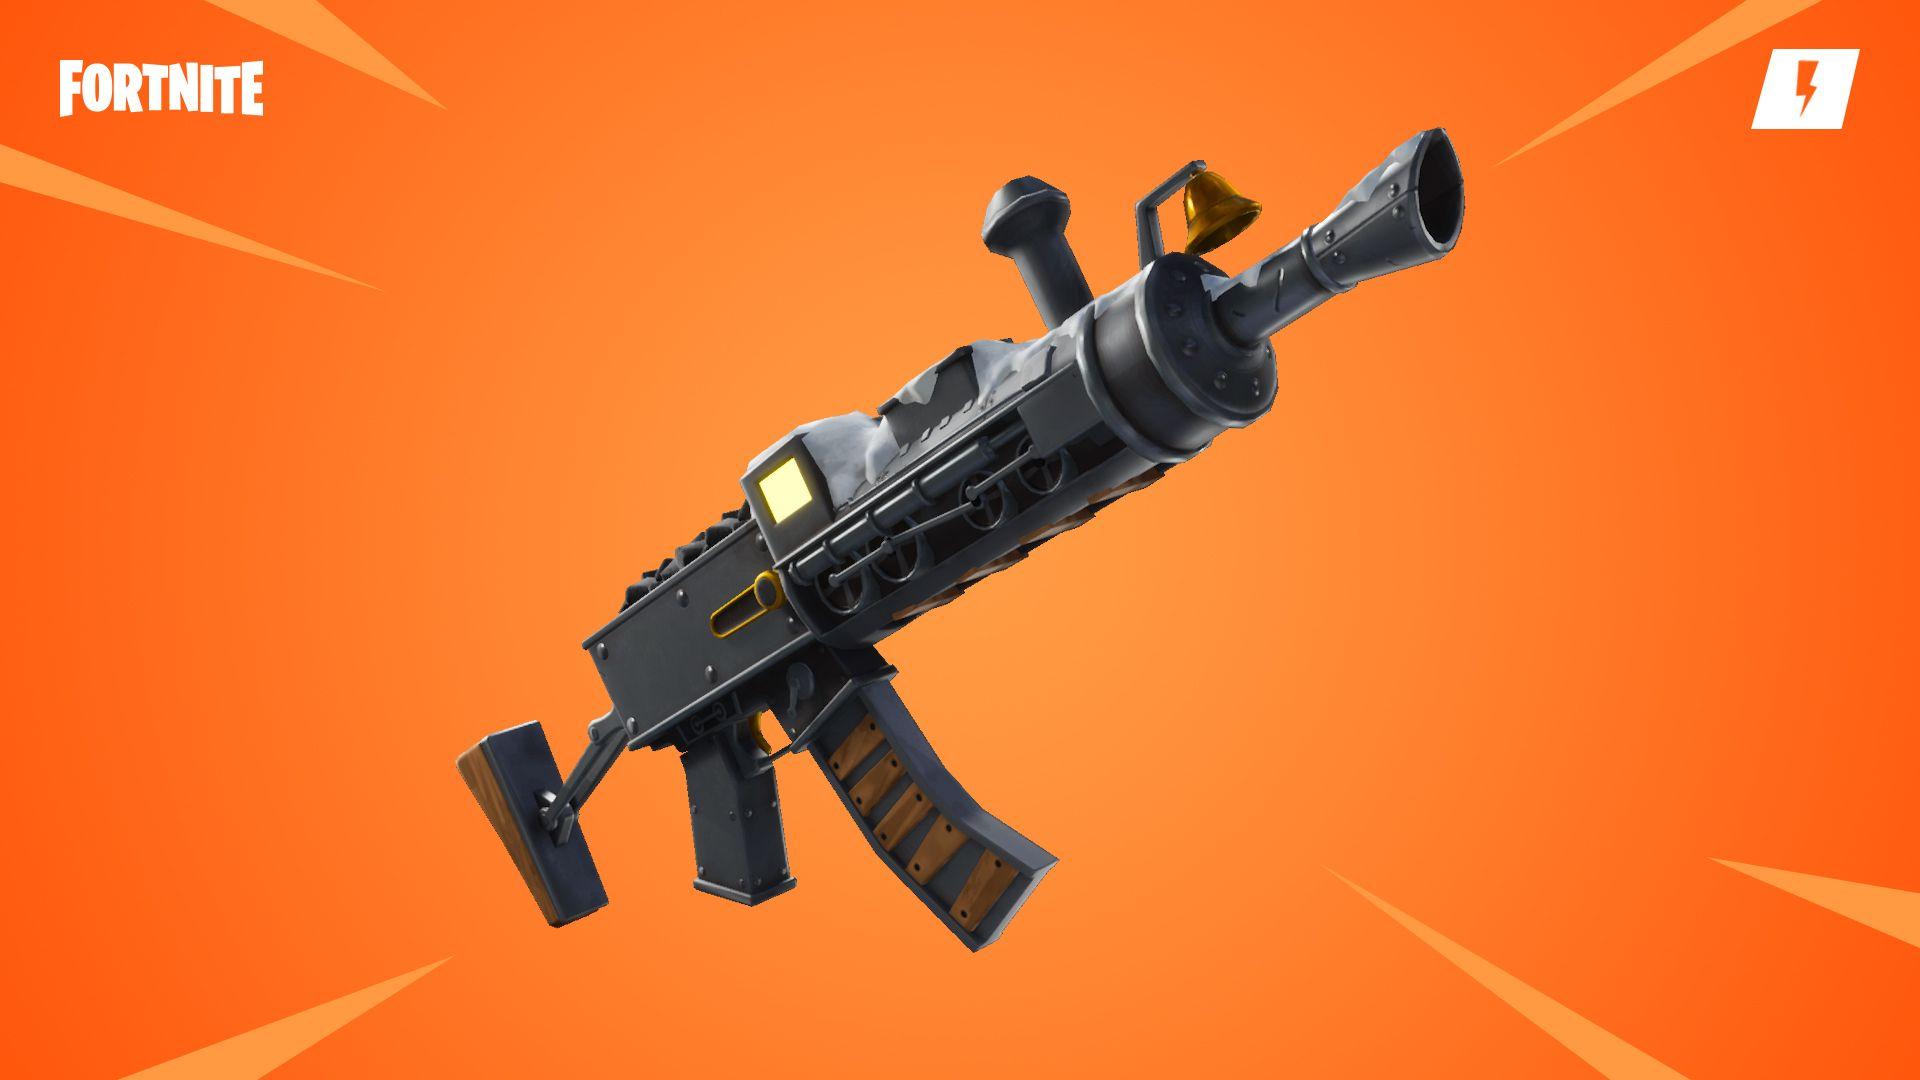 Ghost Pistol Fortnite Site Www.reddit.com Pin On Fortnite Battle Royale